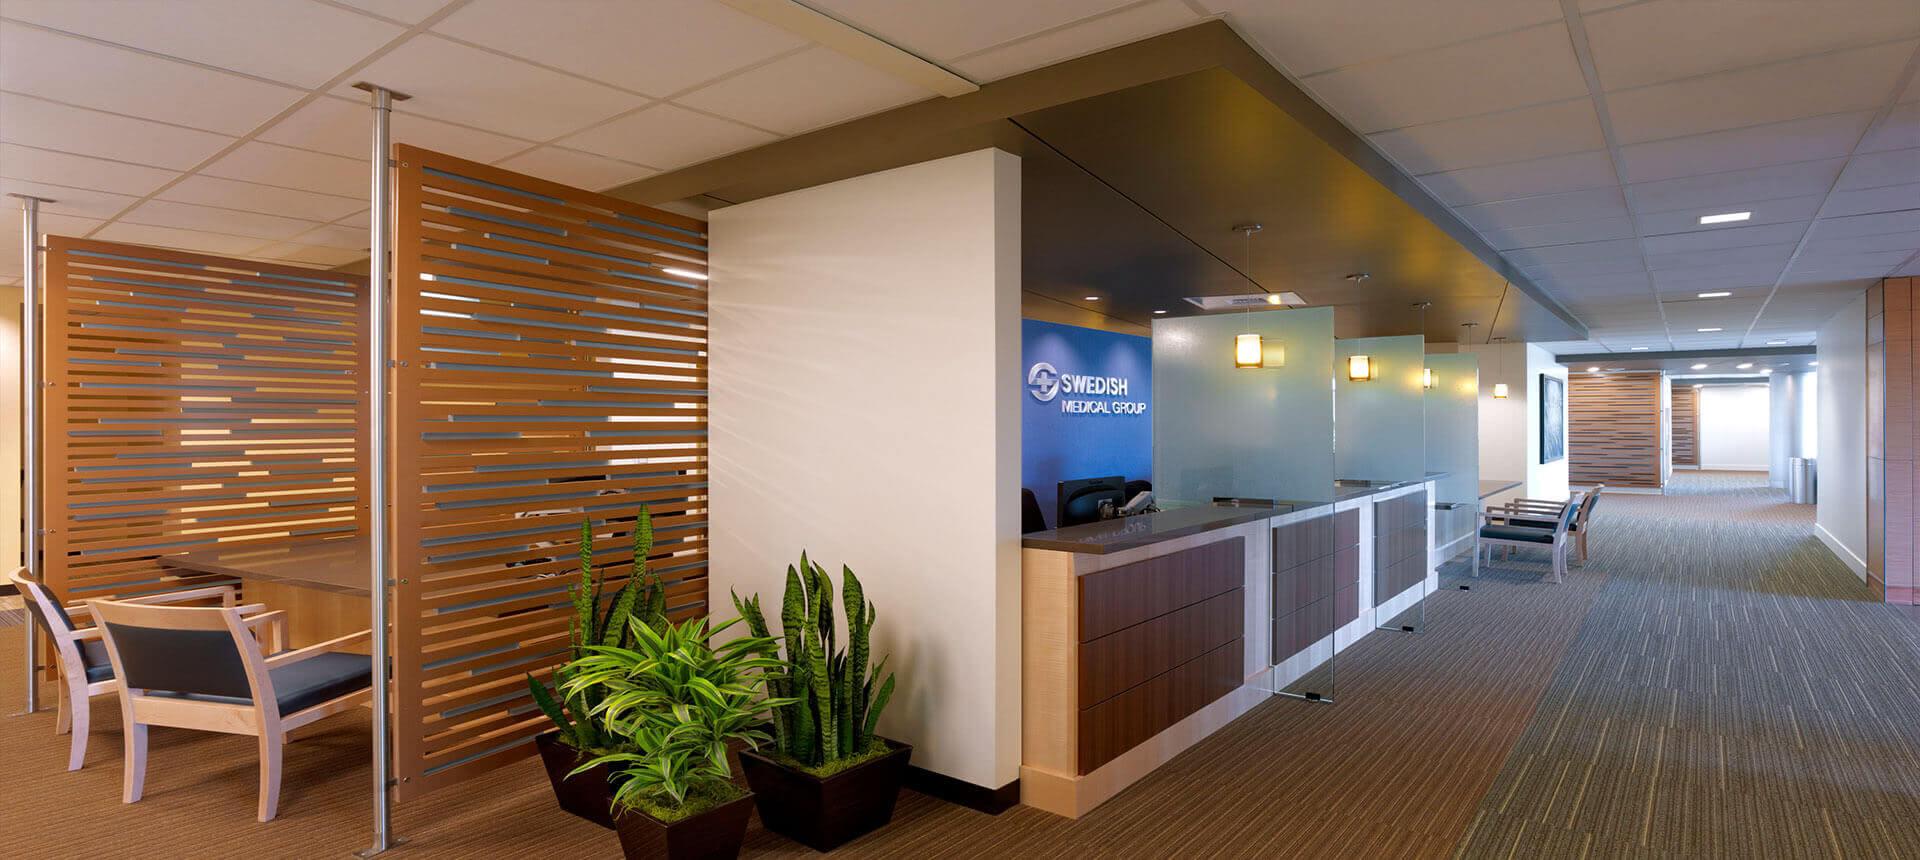 Medical Office Building Interior Design   Psoriasisguru.com